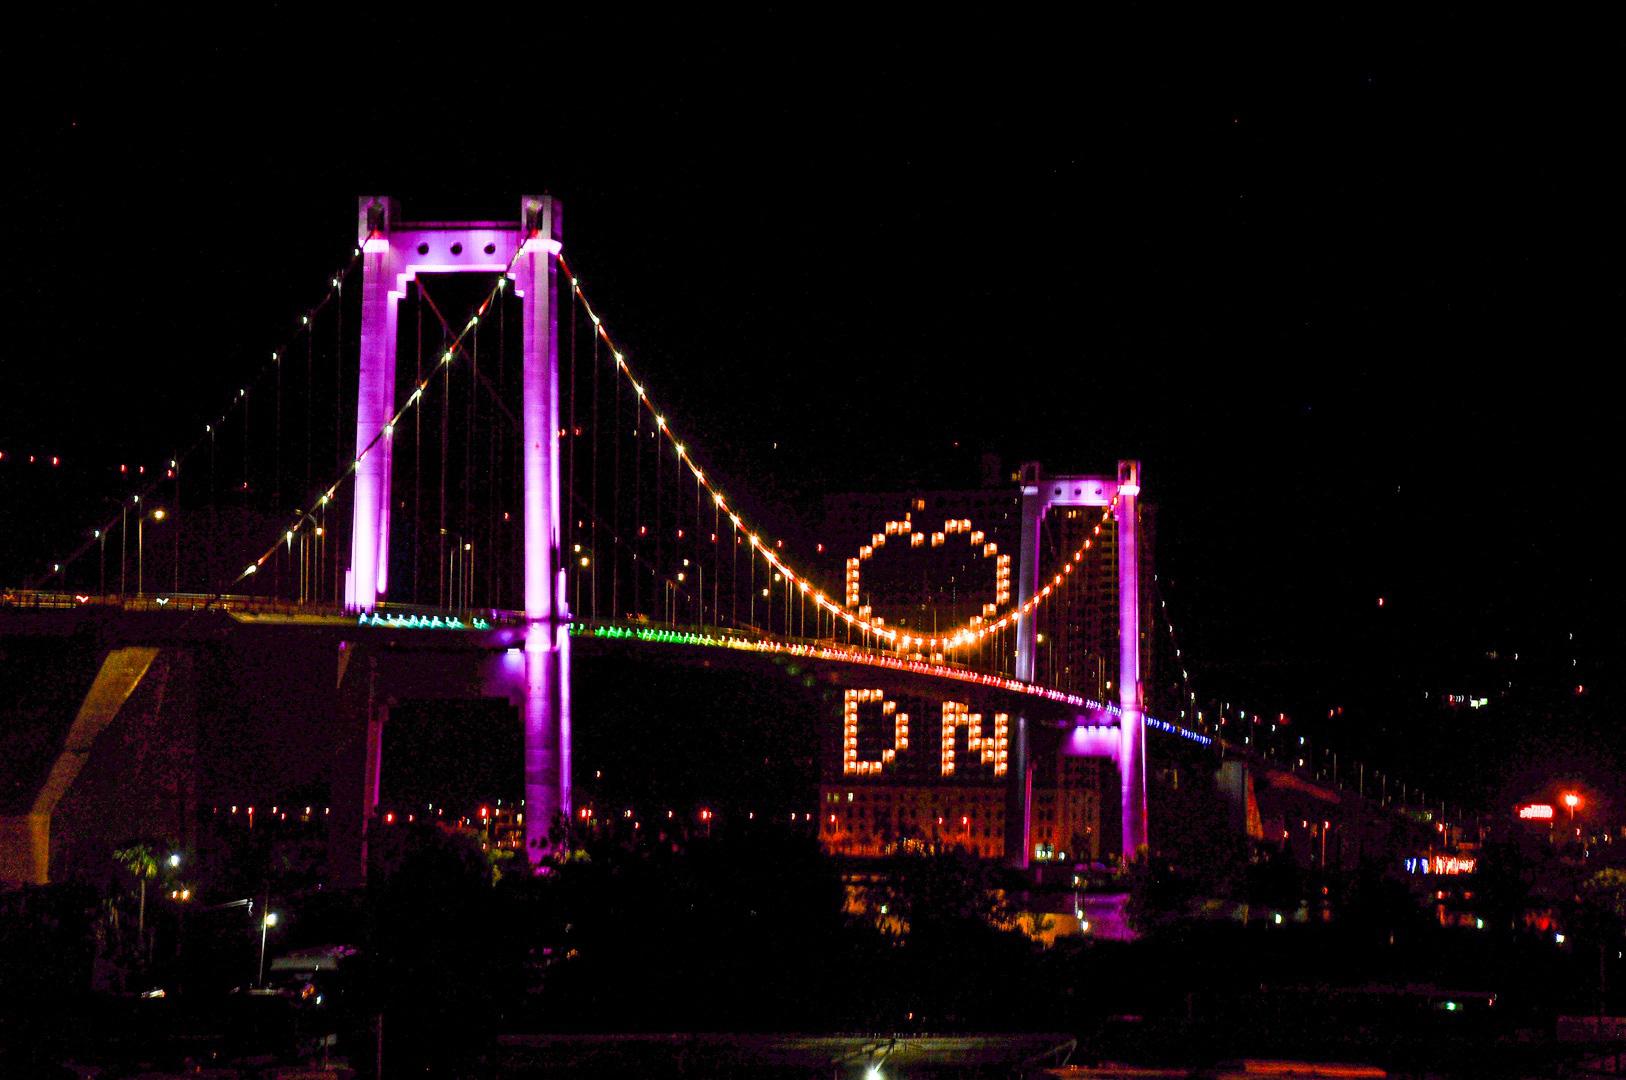 Đà Nẵng: Khách sạn đồng loạt lên đèn hình trái tim giữa mùa dịch Covid-19 - Ảnh 8.